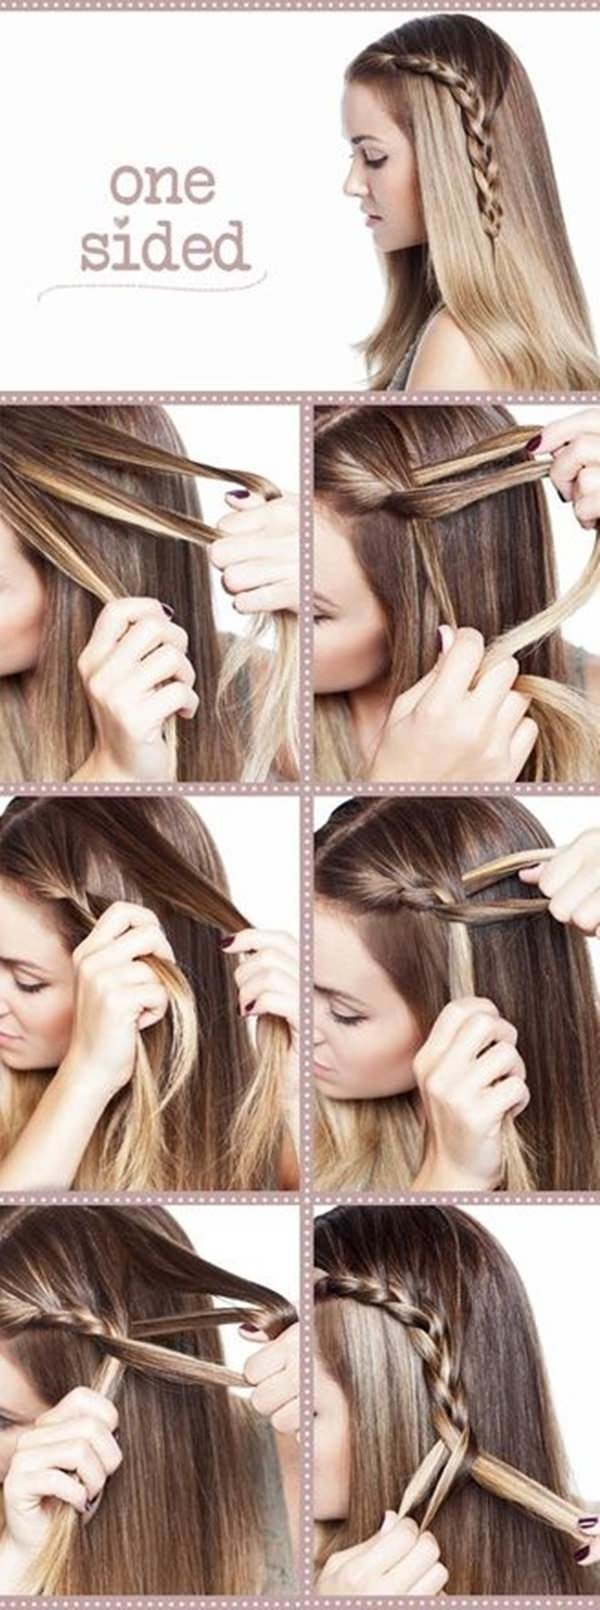 peinados-faciles-para-hacerse-una-misma-en-casa-otoño-invierno-trenza-union